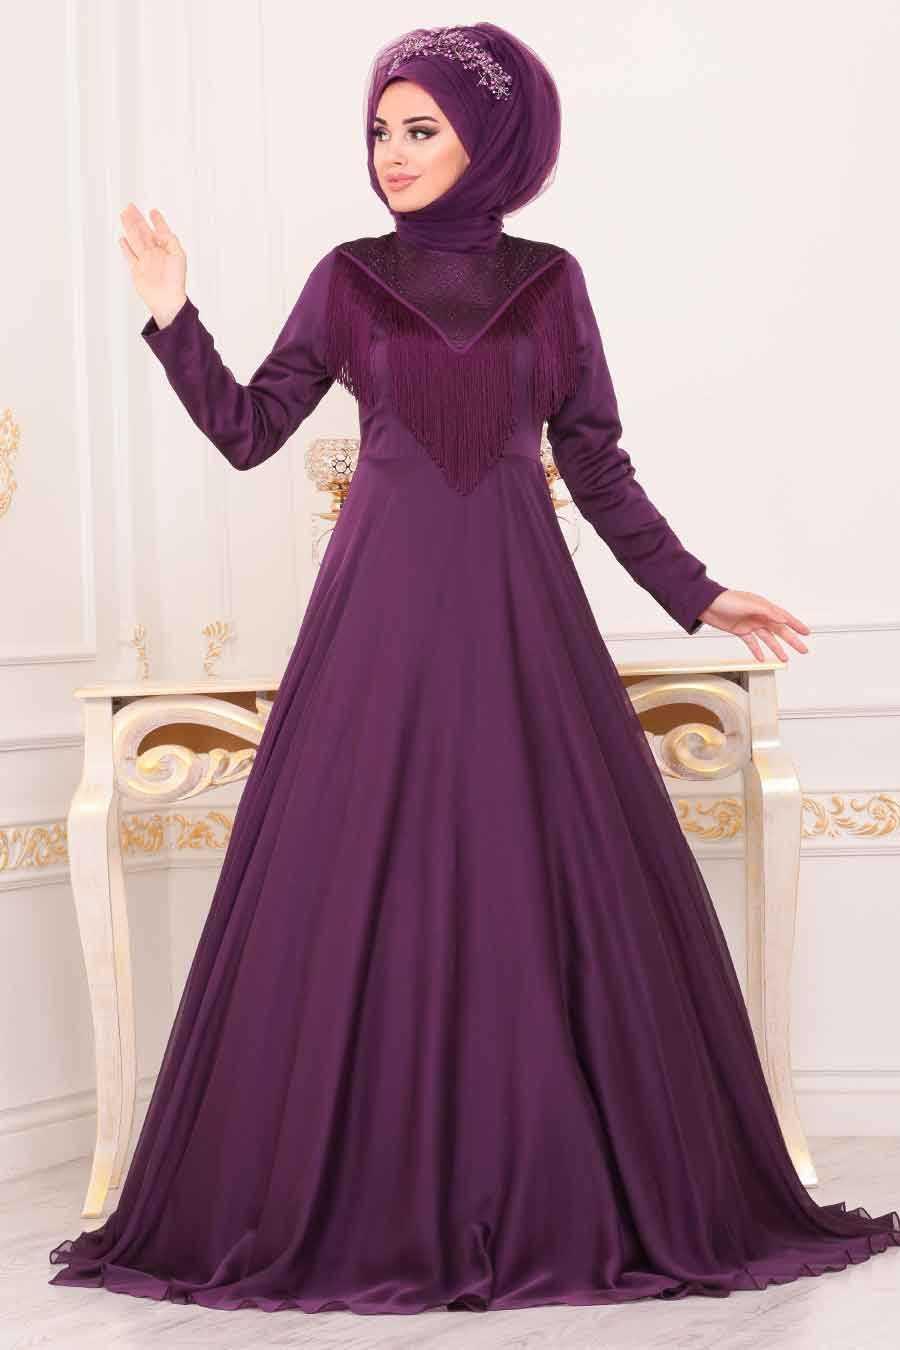 Puskullu Mor Tesettur Abiye Elbise 3894mor Neva Style Com